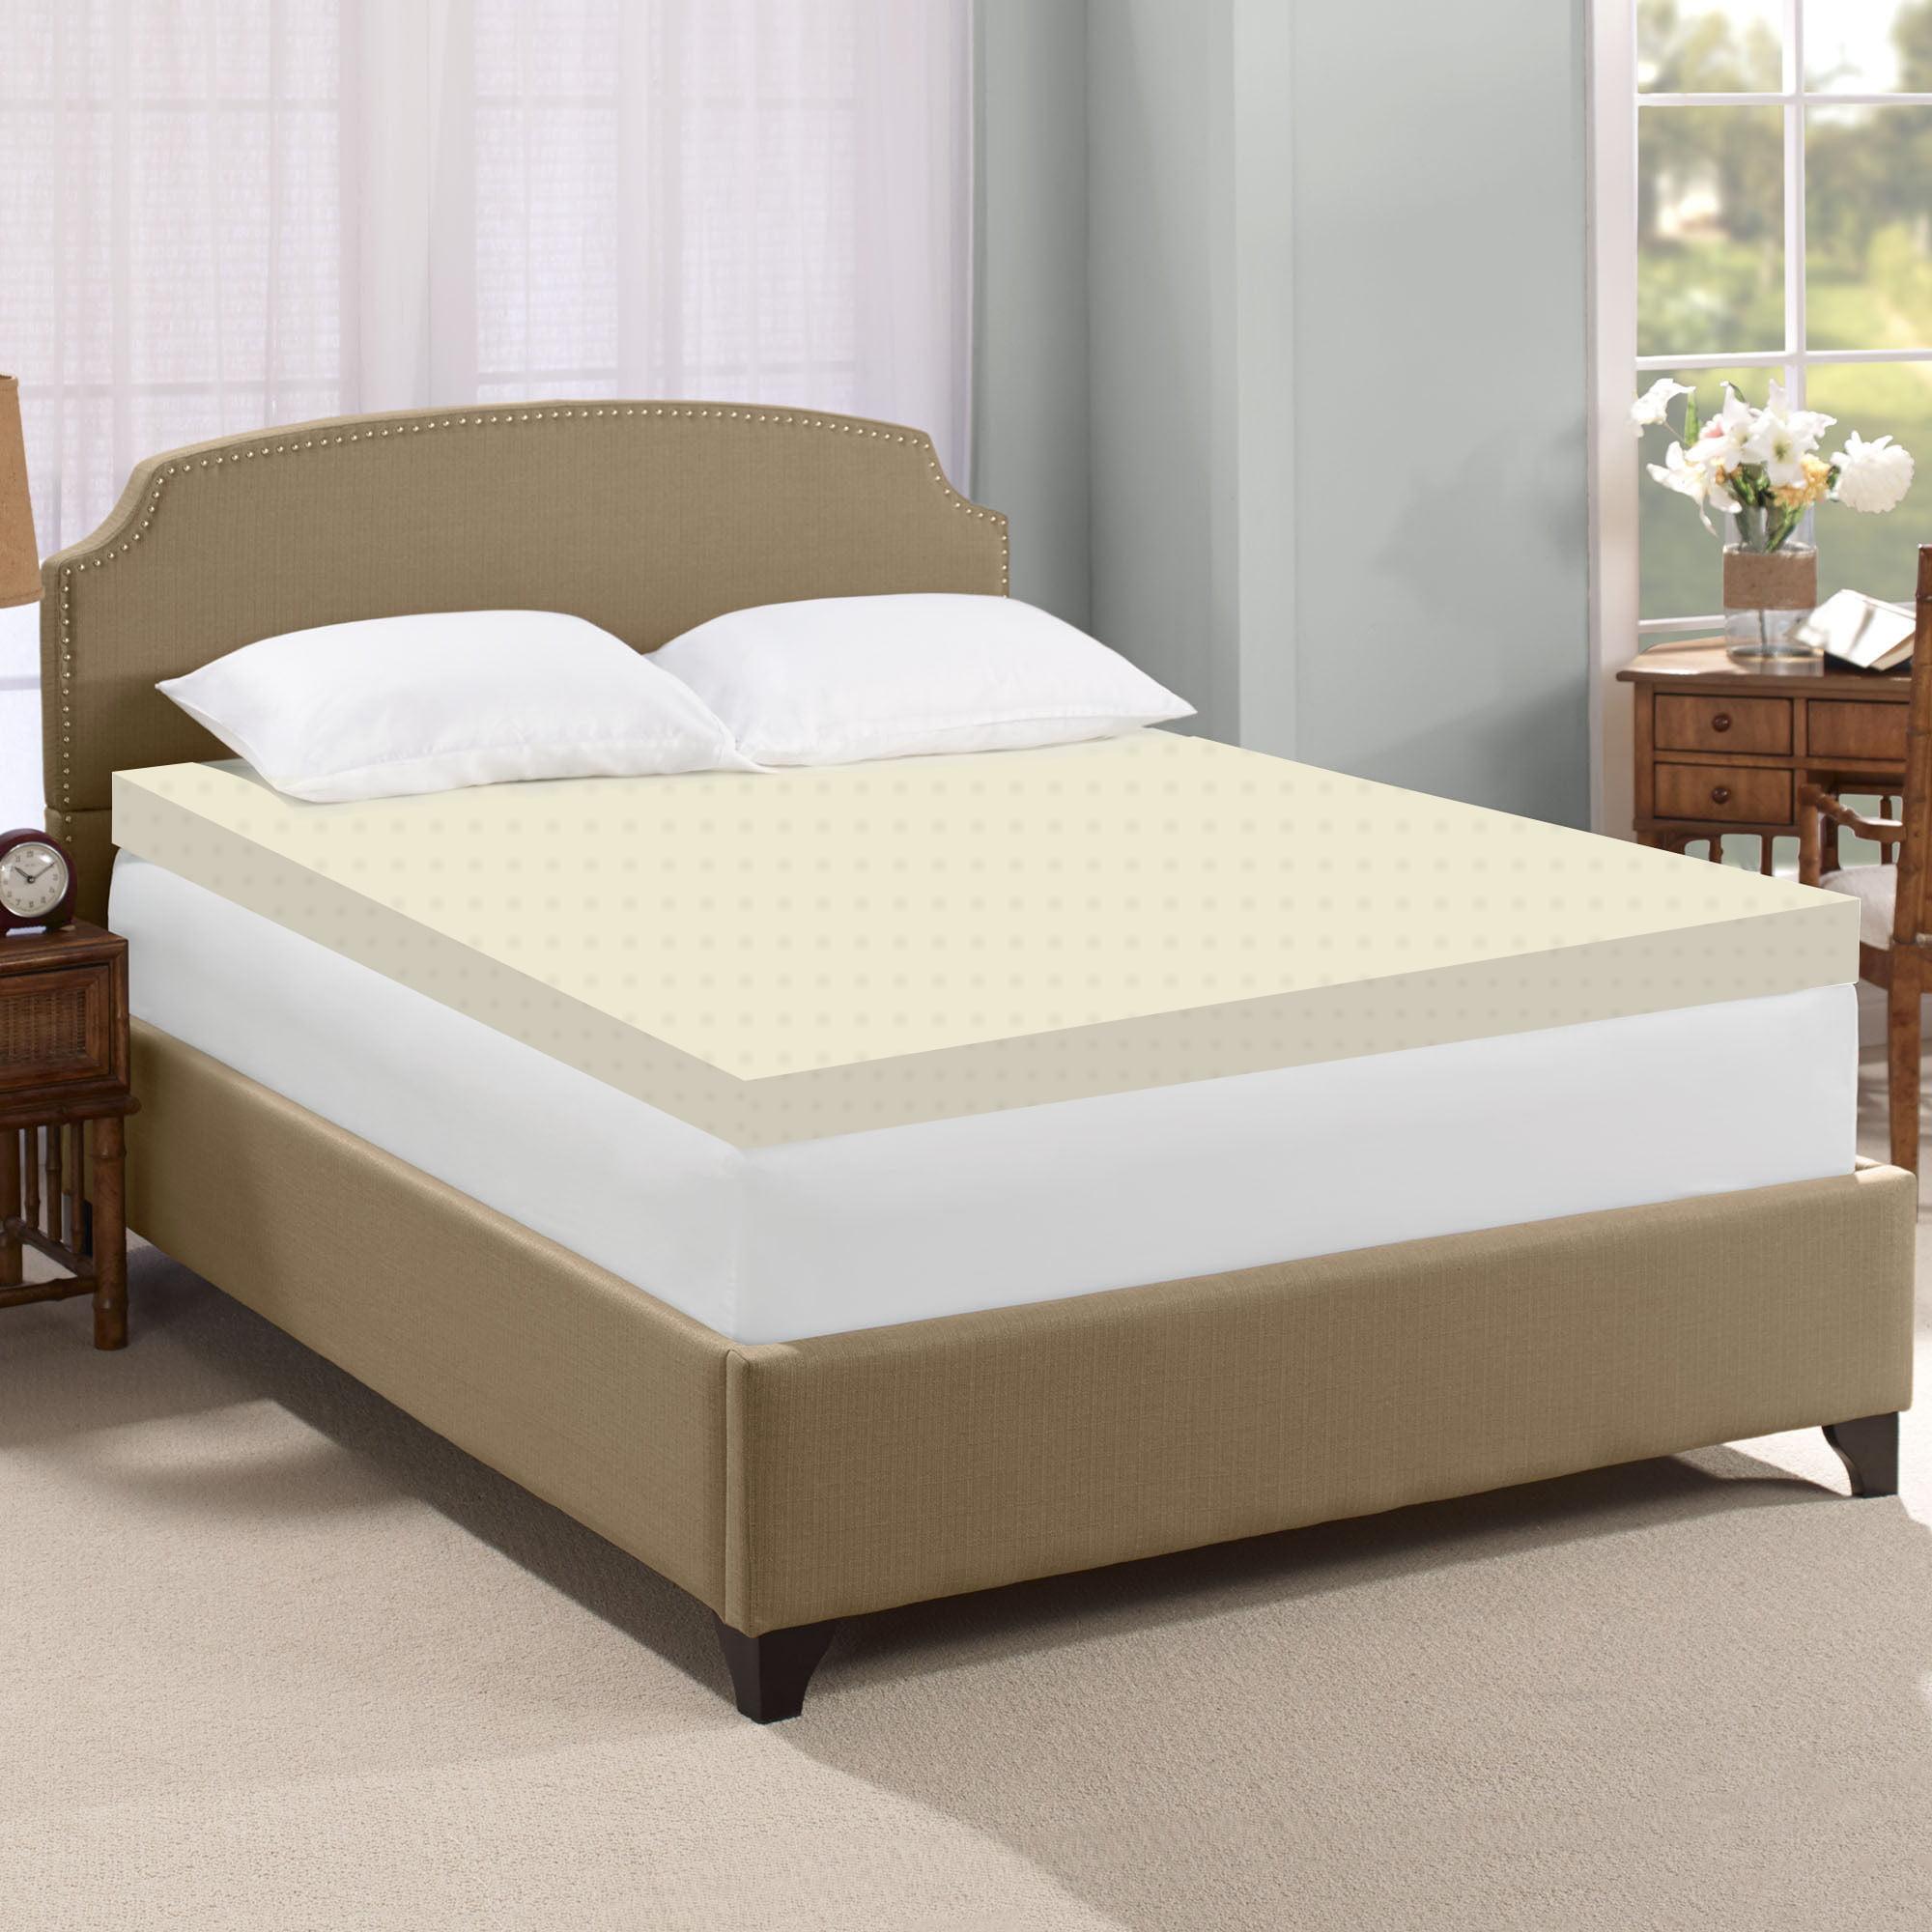 Continental Sleep 2 Quot High Density Foam Mattress Topper